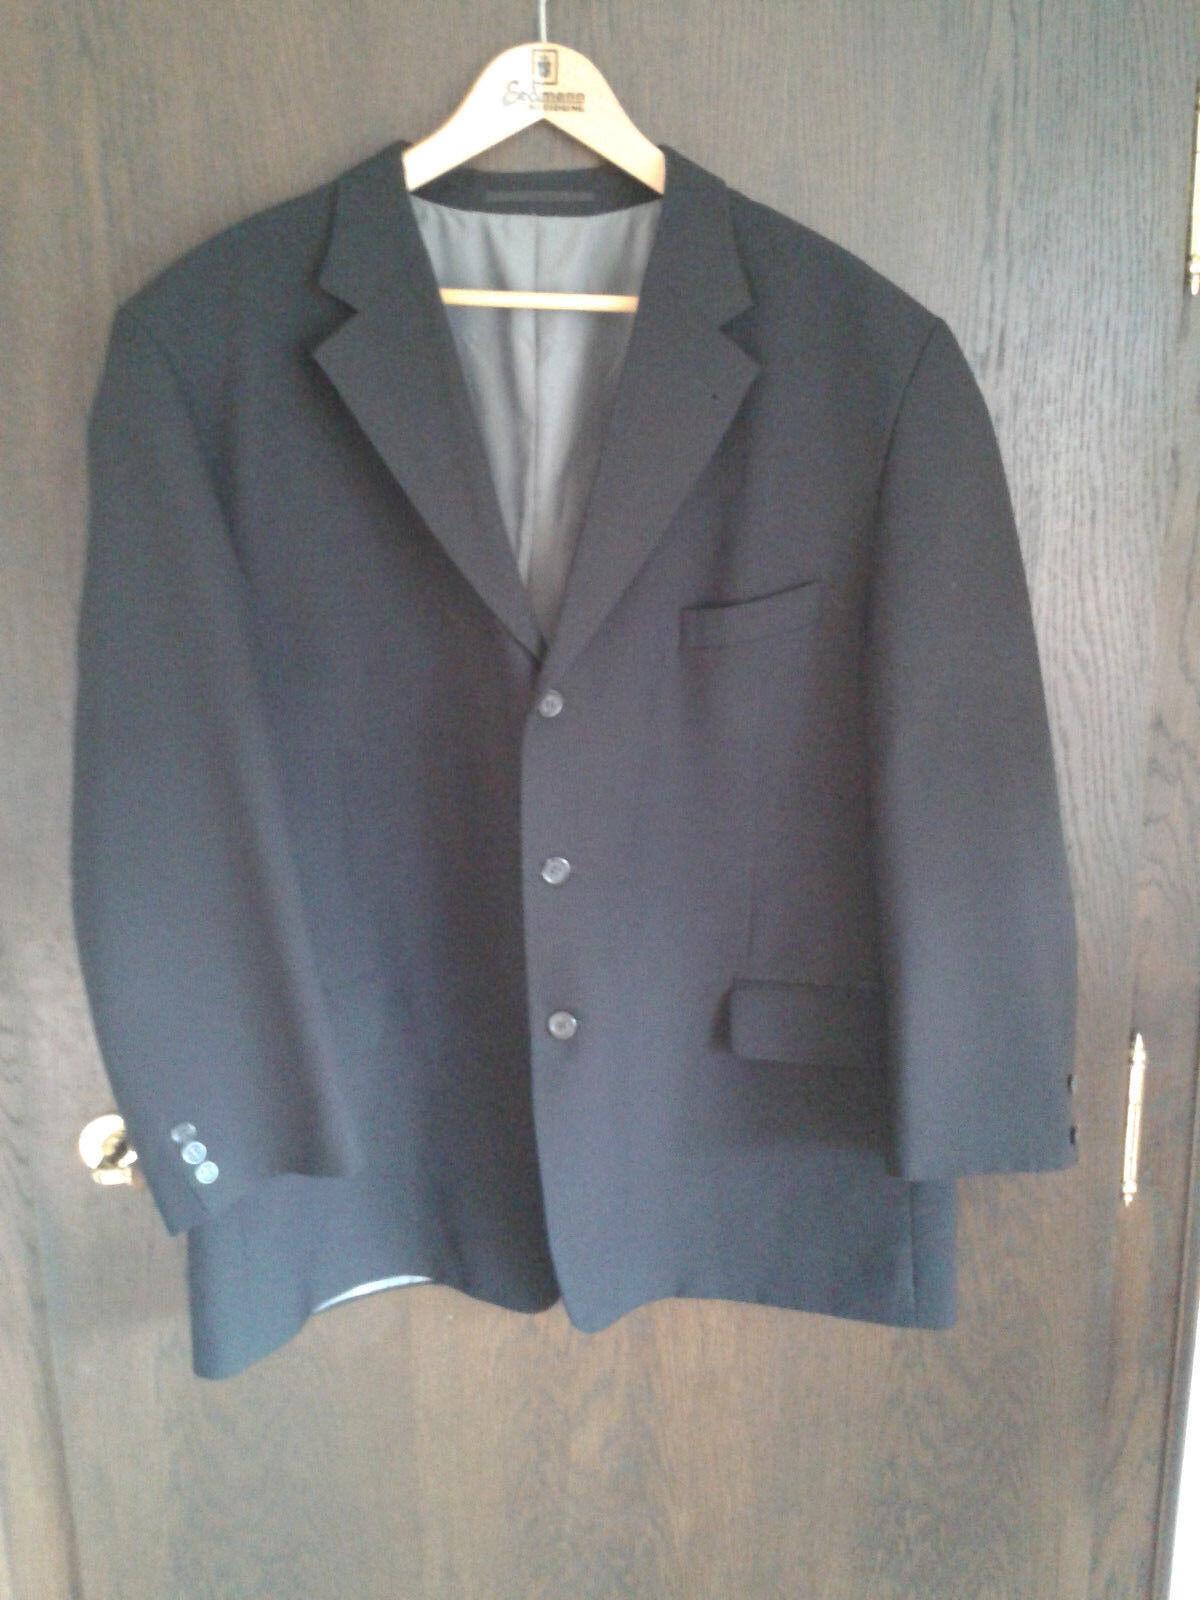 Schwarzes Sakko von C & A Gr. 30, wenig getragen | Erste Gruppe von Kunden